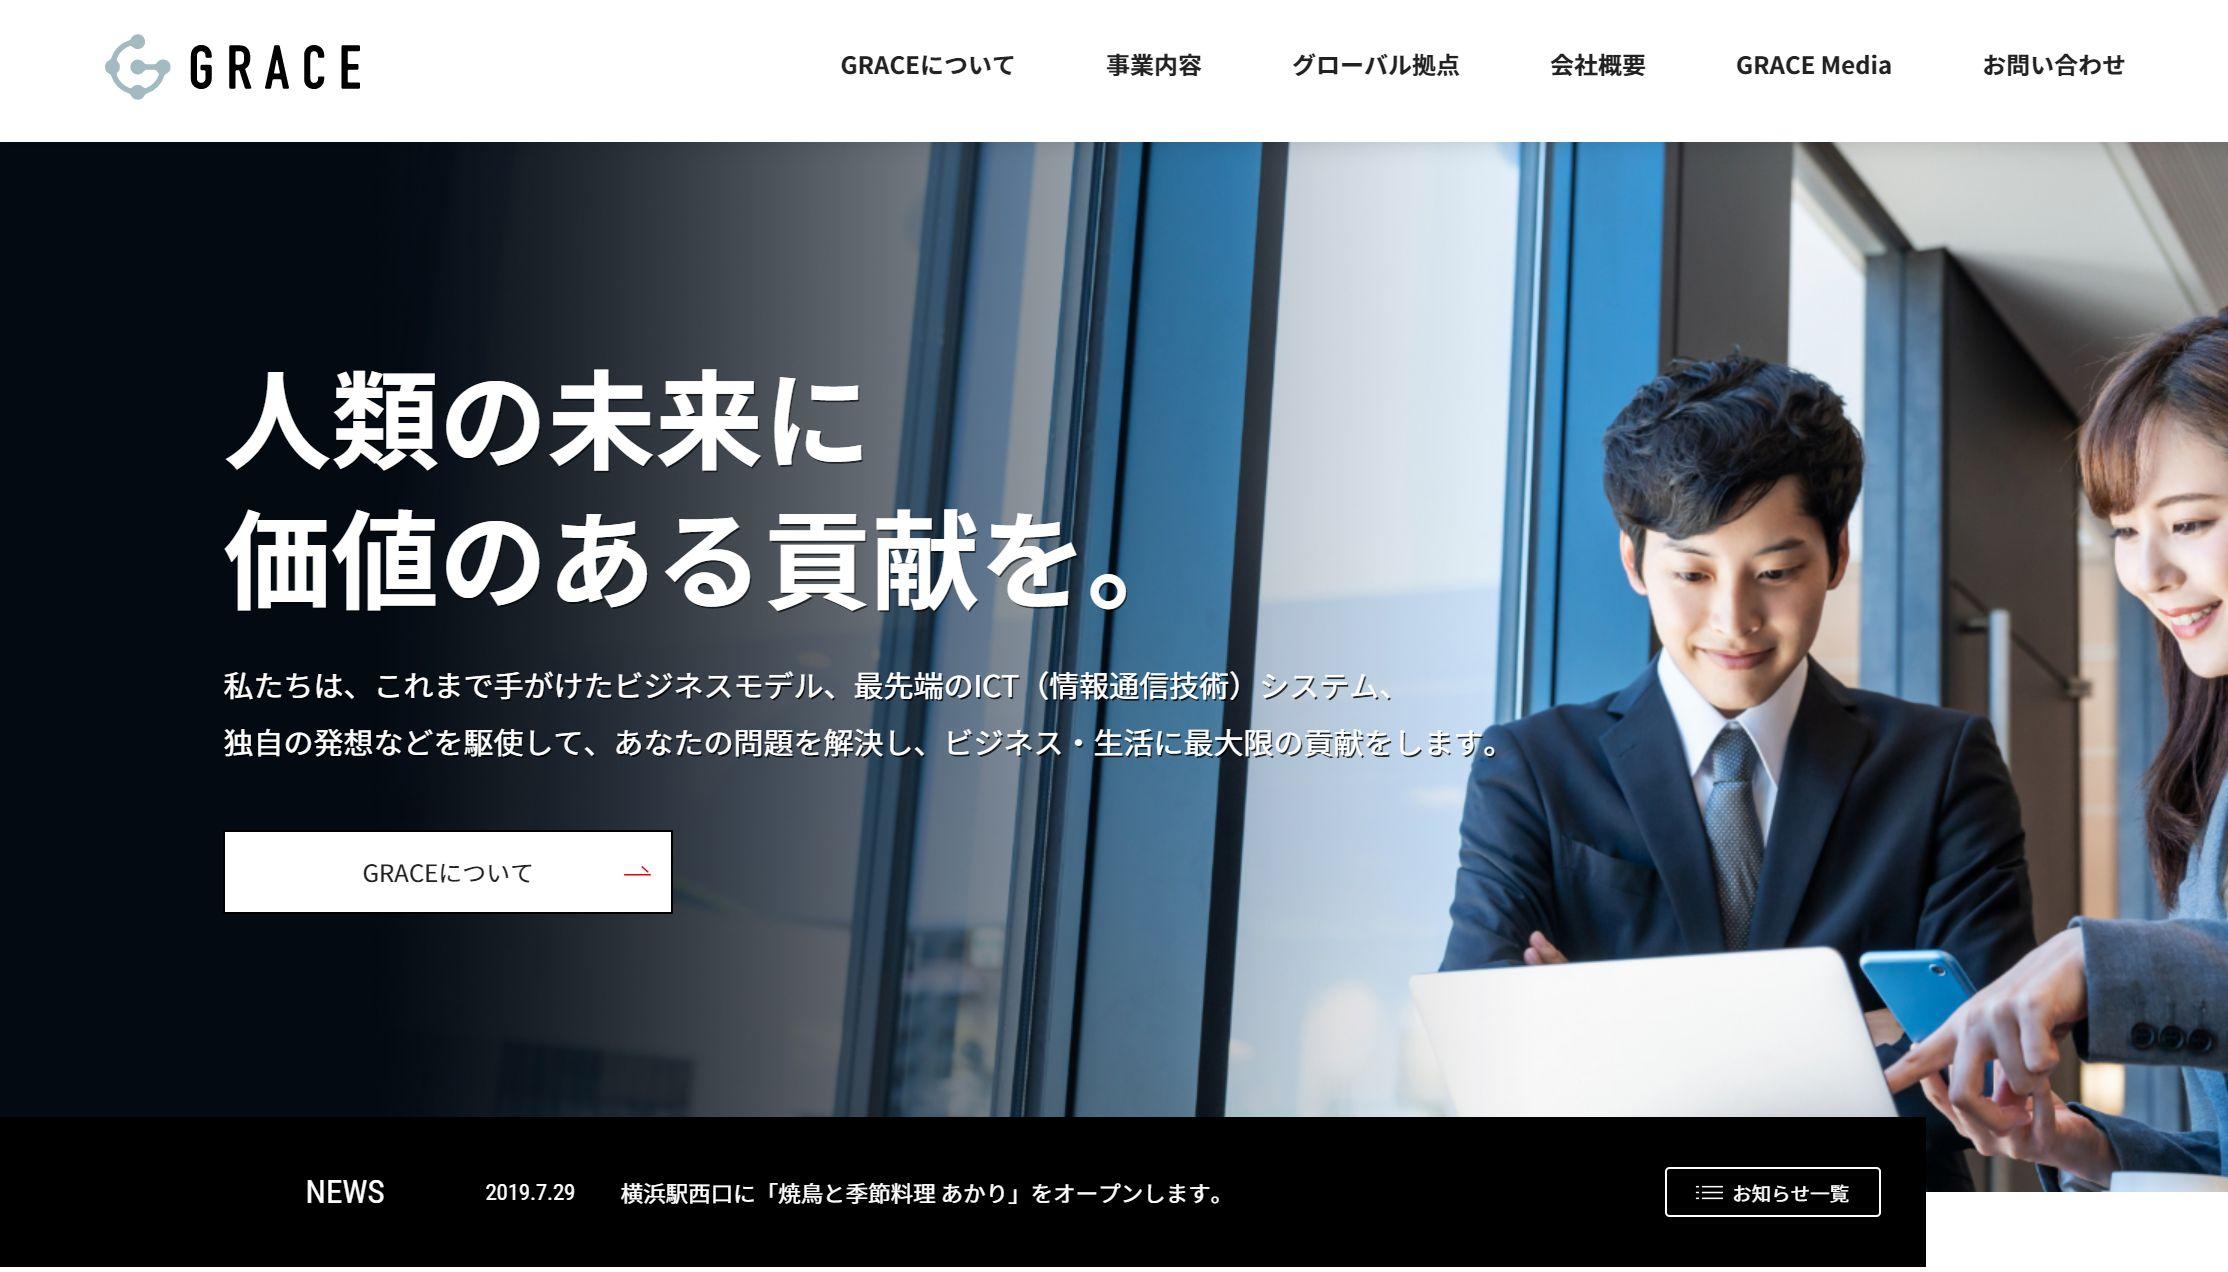 株式会社GRACE(カメラの買取屋さん運営会社)